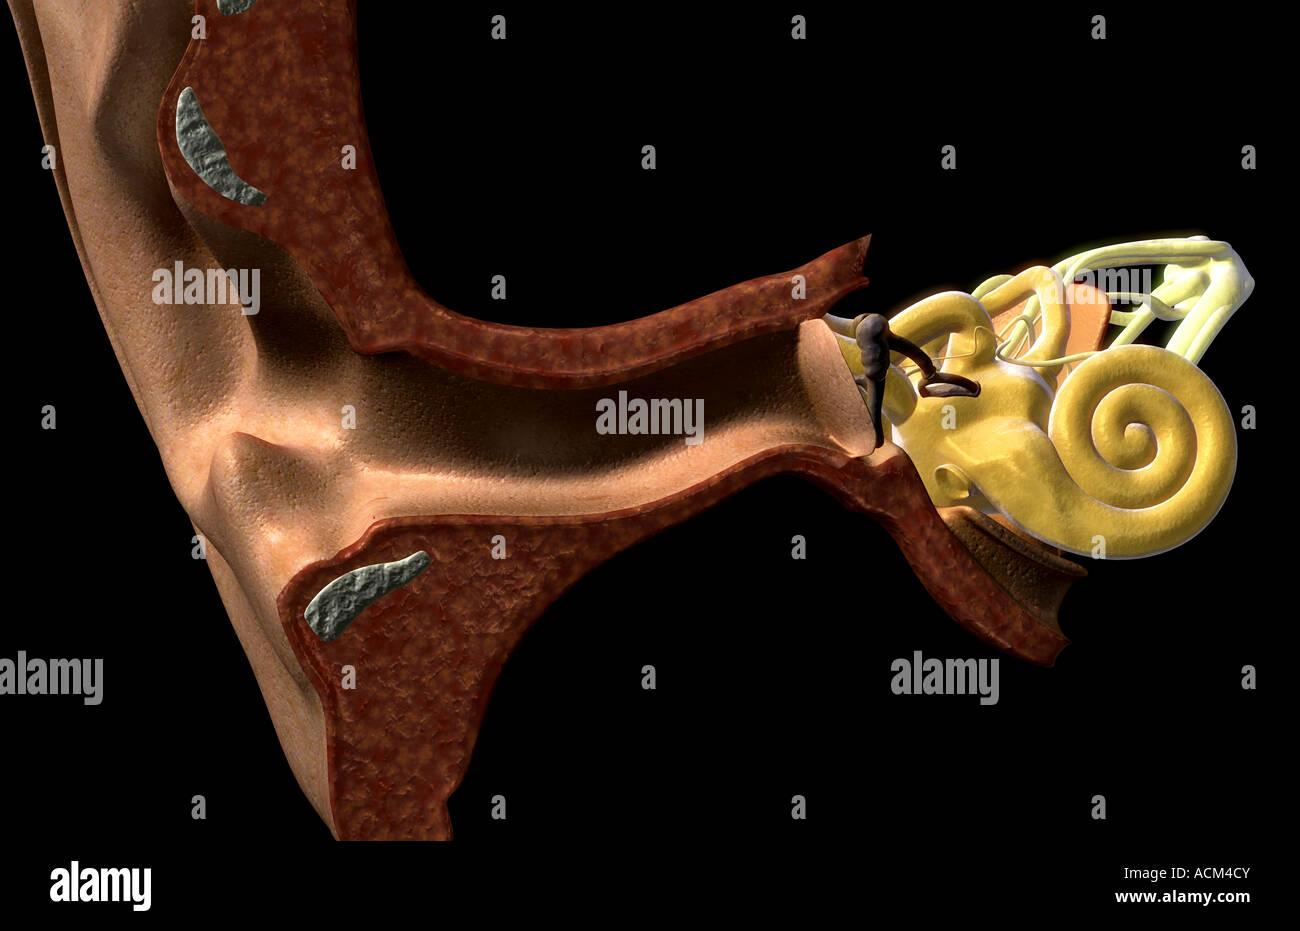 Schön Freie Oberfläche Definition Anatomie Bilder - Physiologie Von ...